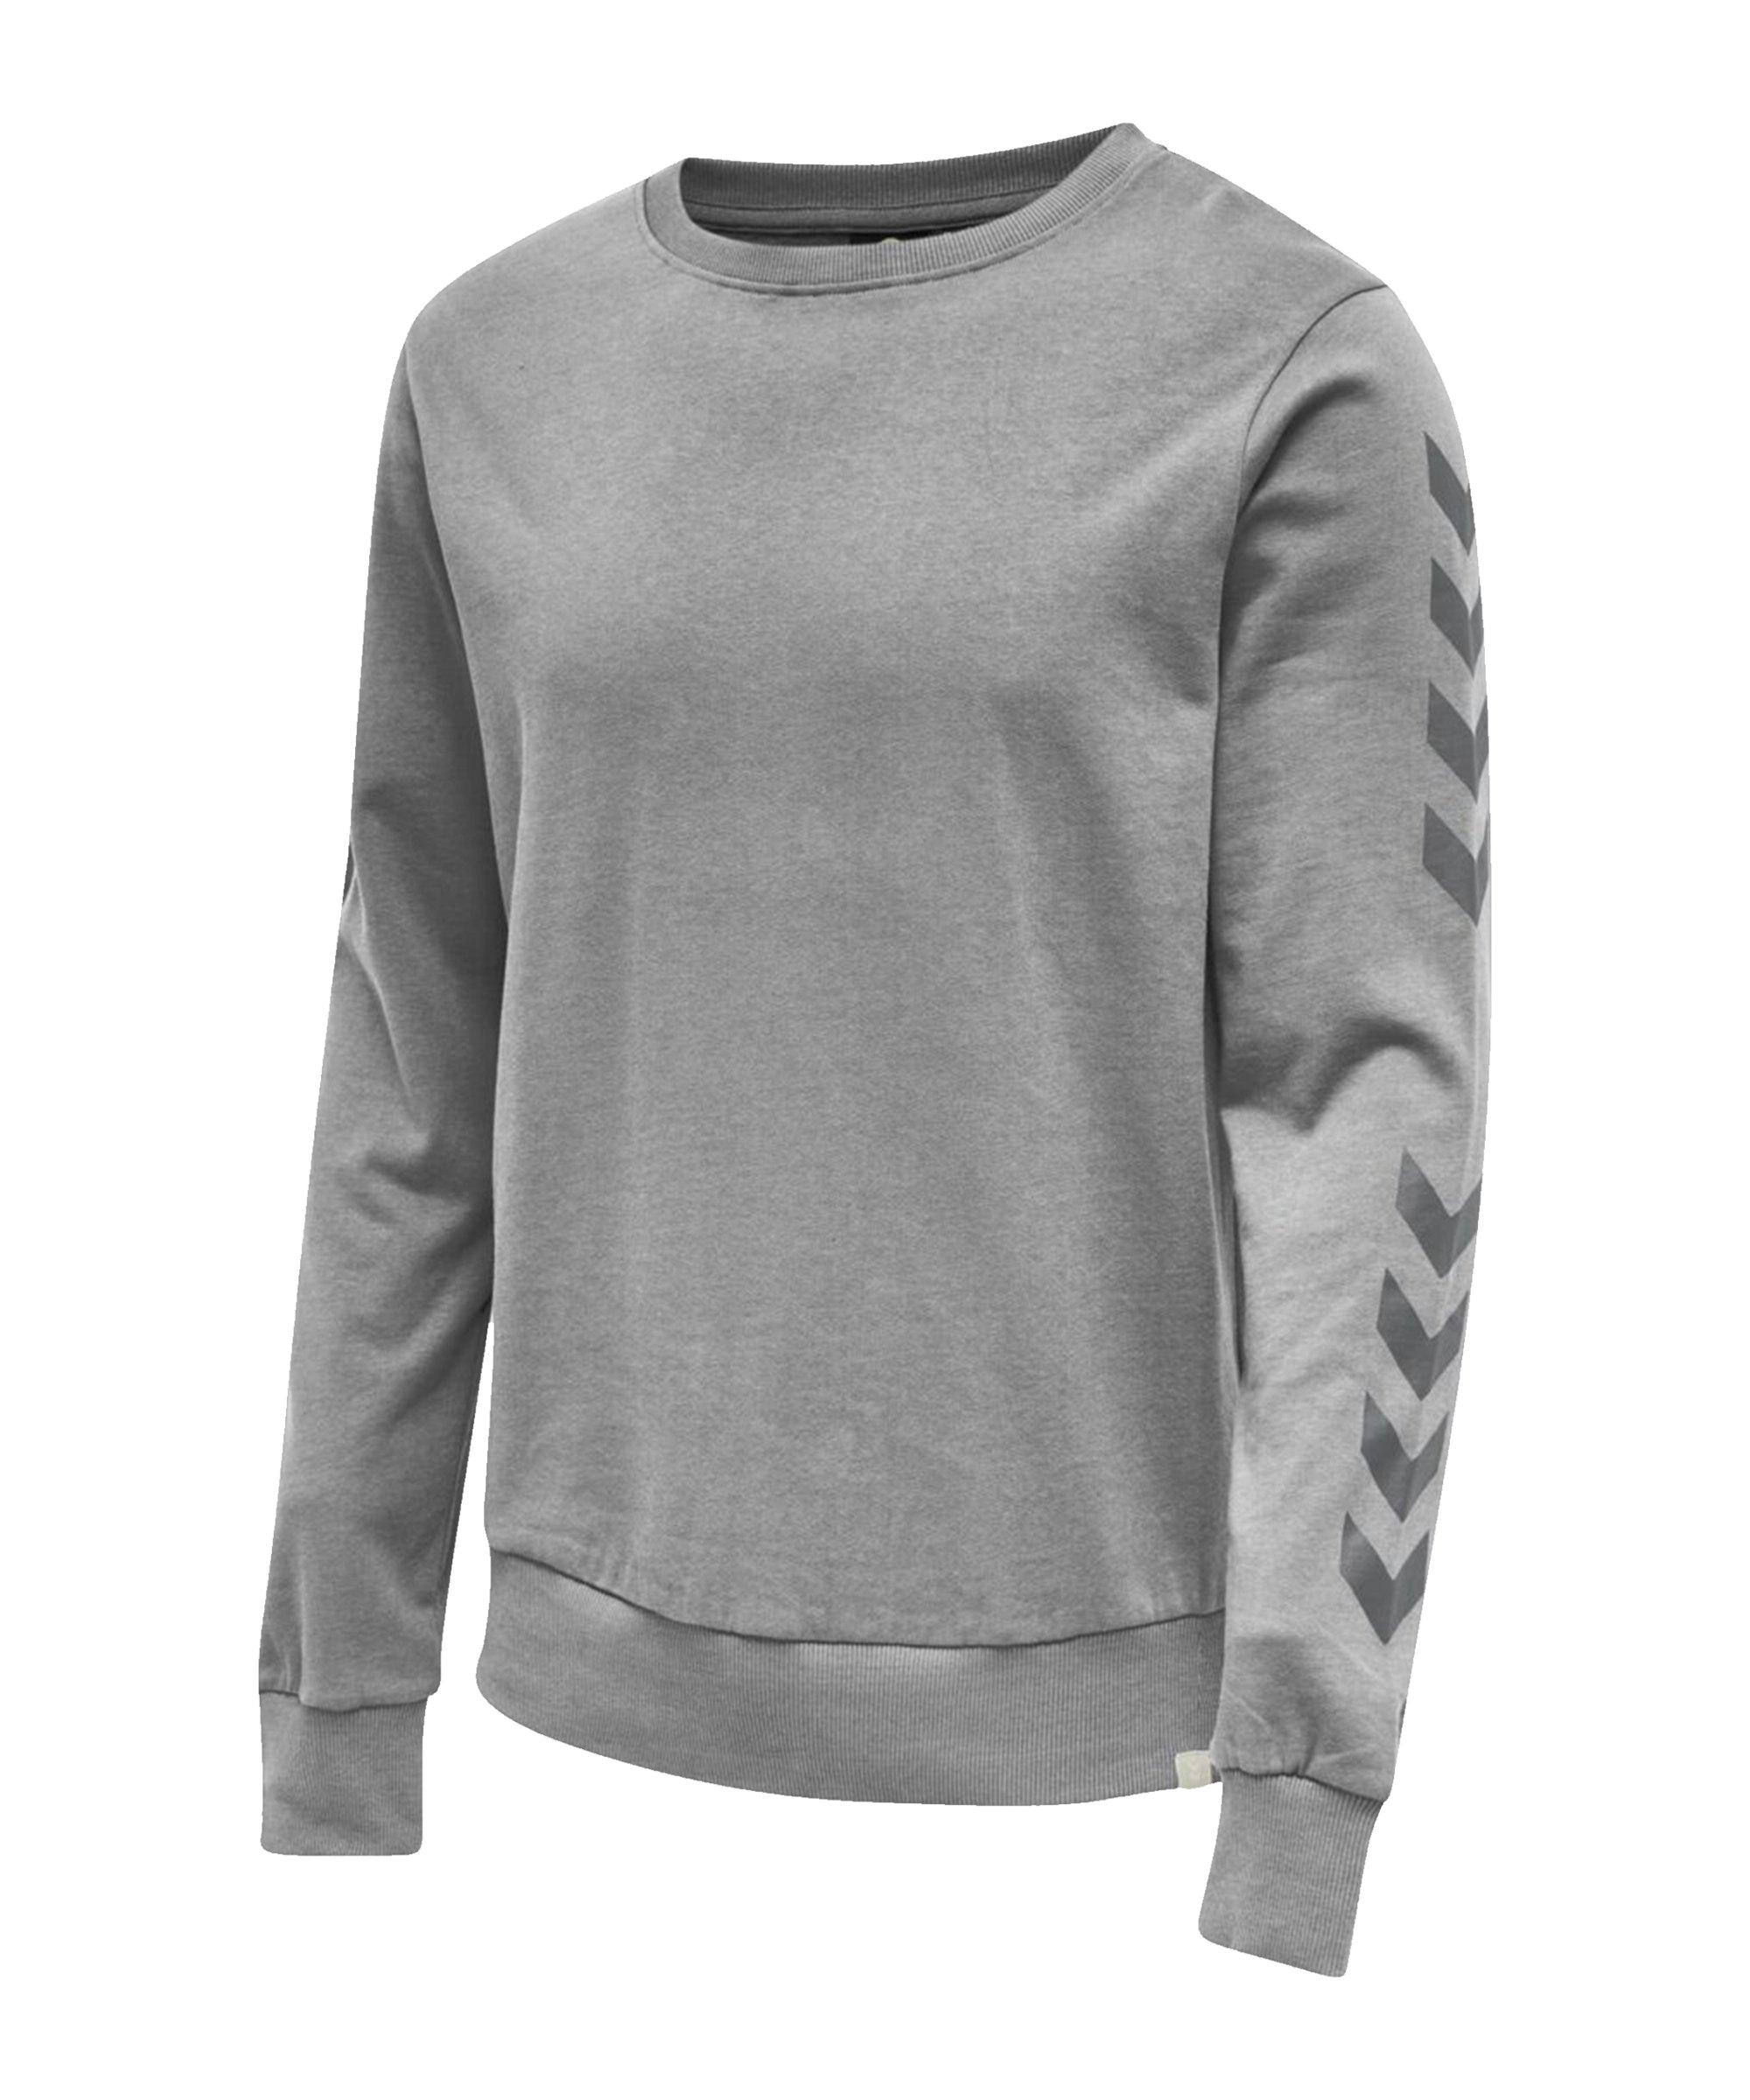 Hummel Legacy Chevron Sweatshirt Grau F2006 - grau